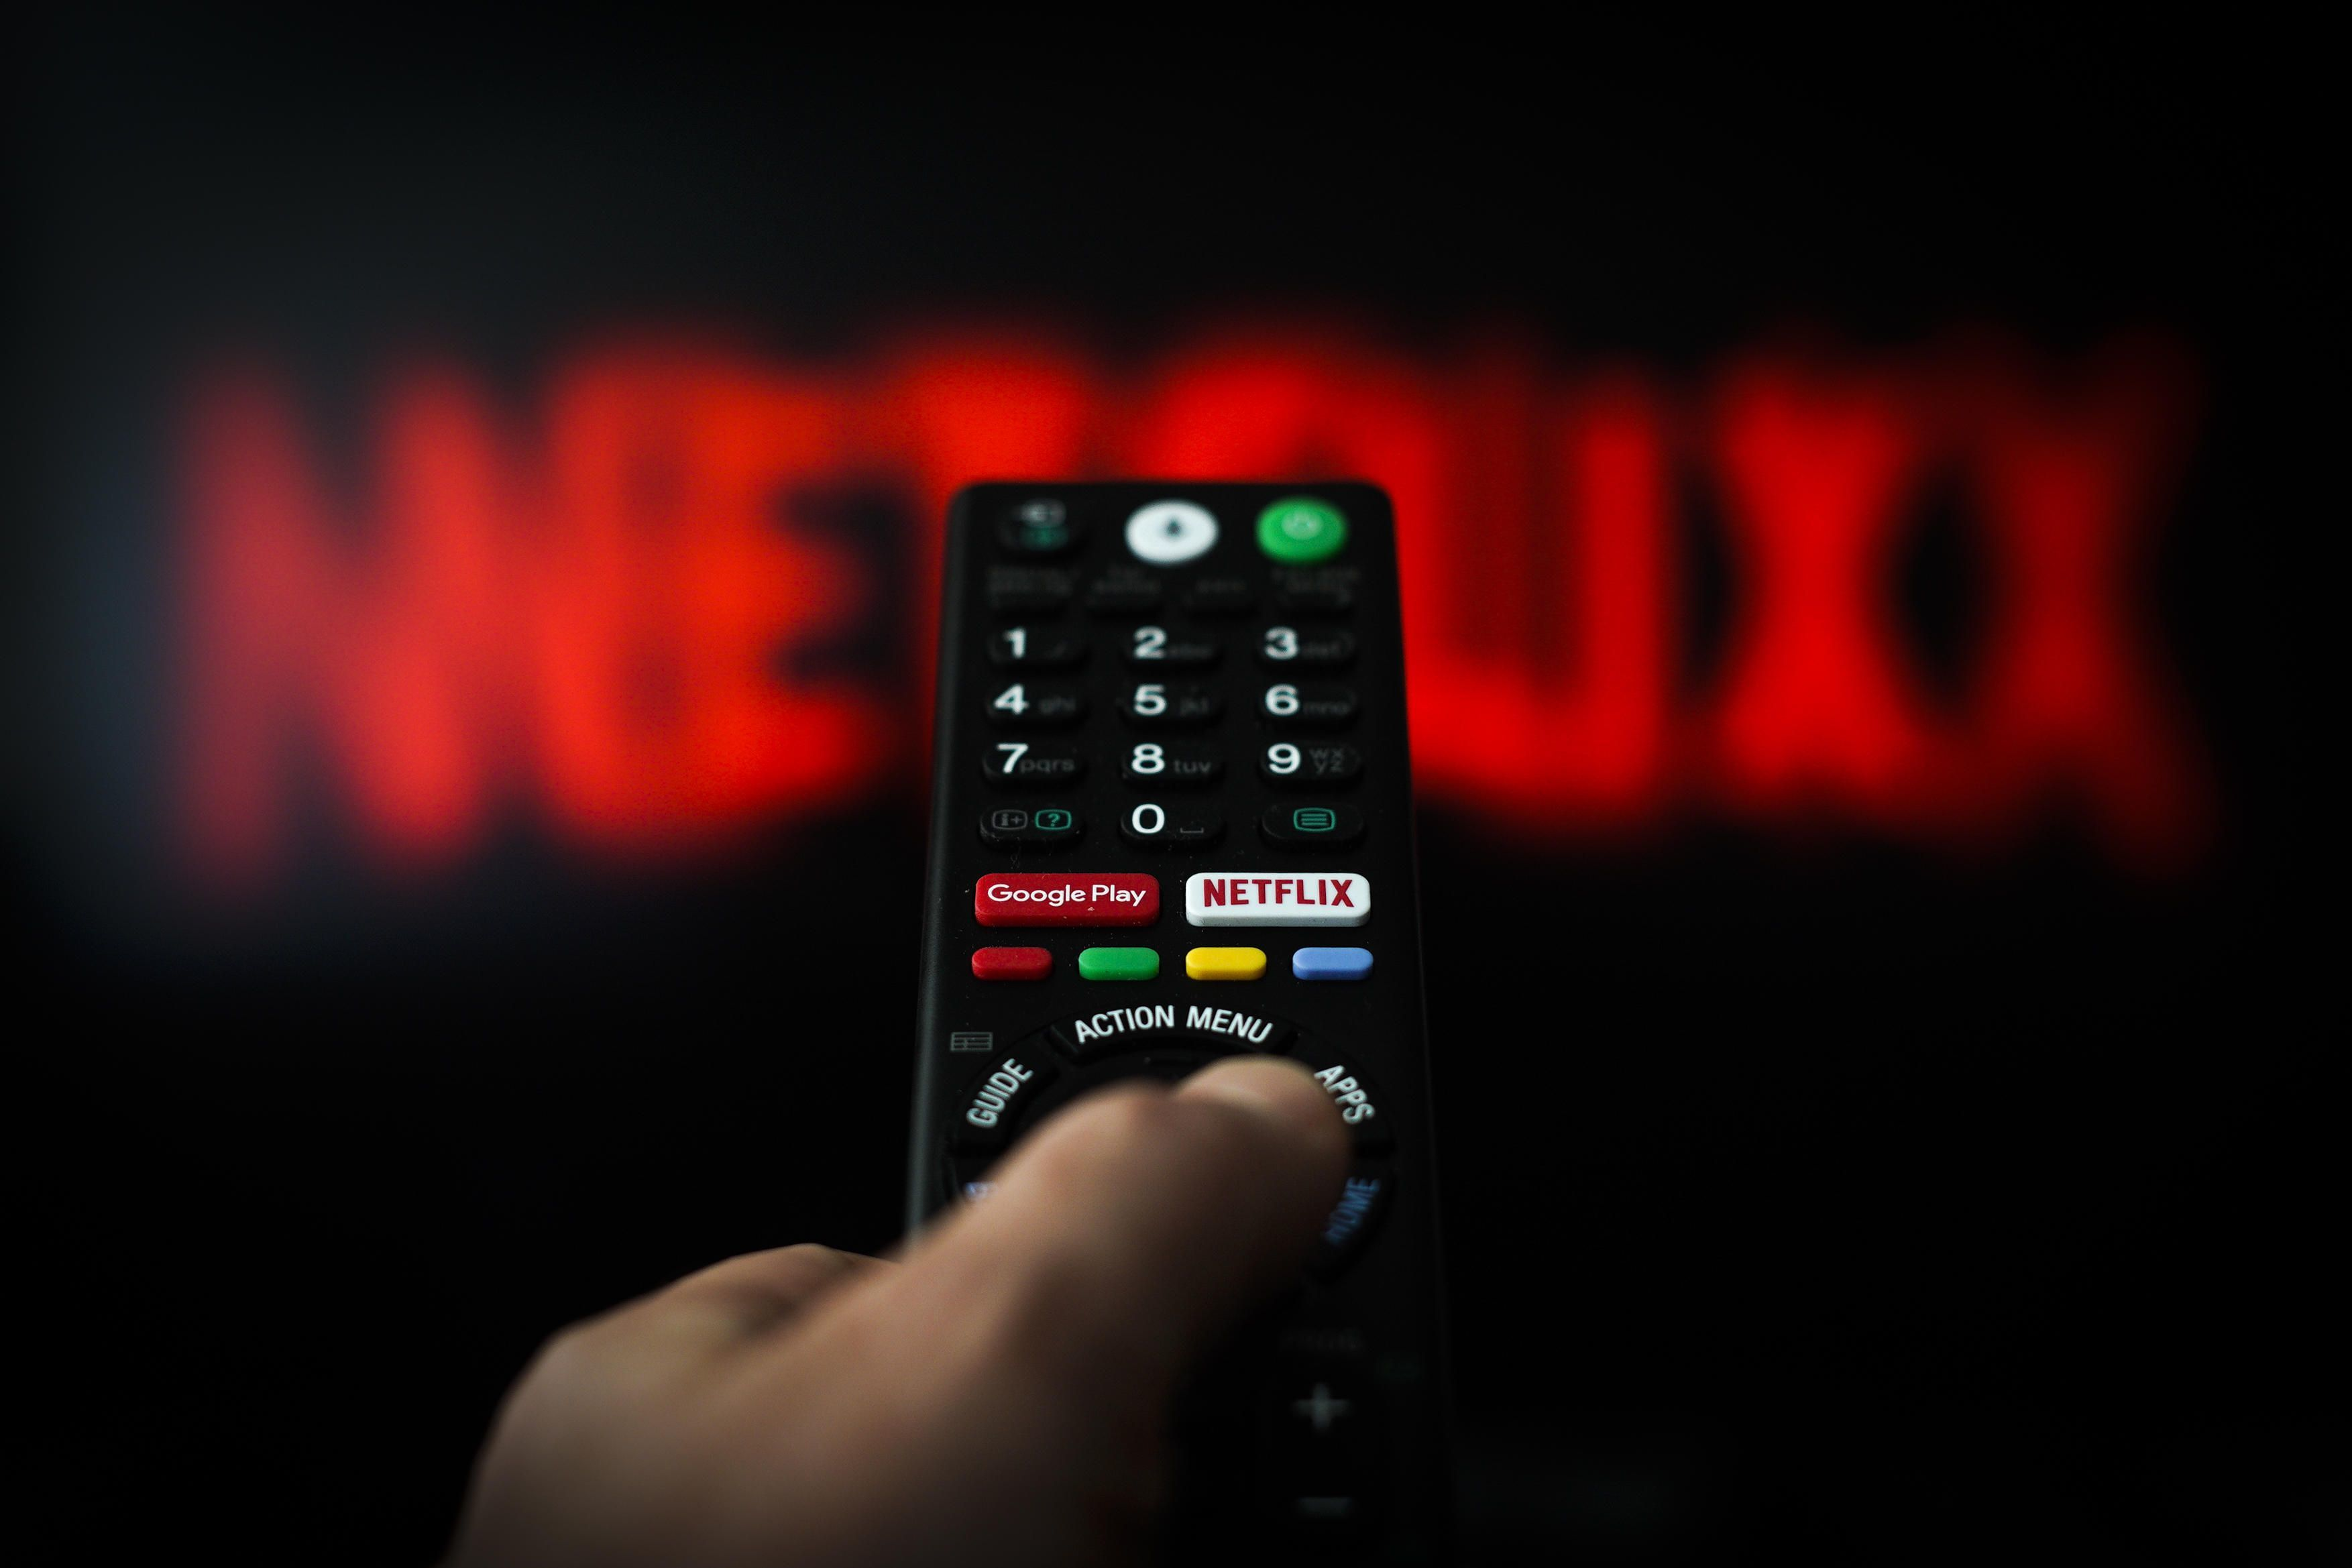 Какой сериал стал самым просматриваемым на Netflix во время карантина?